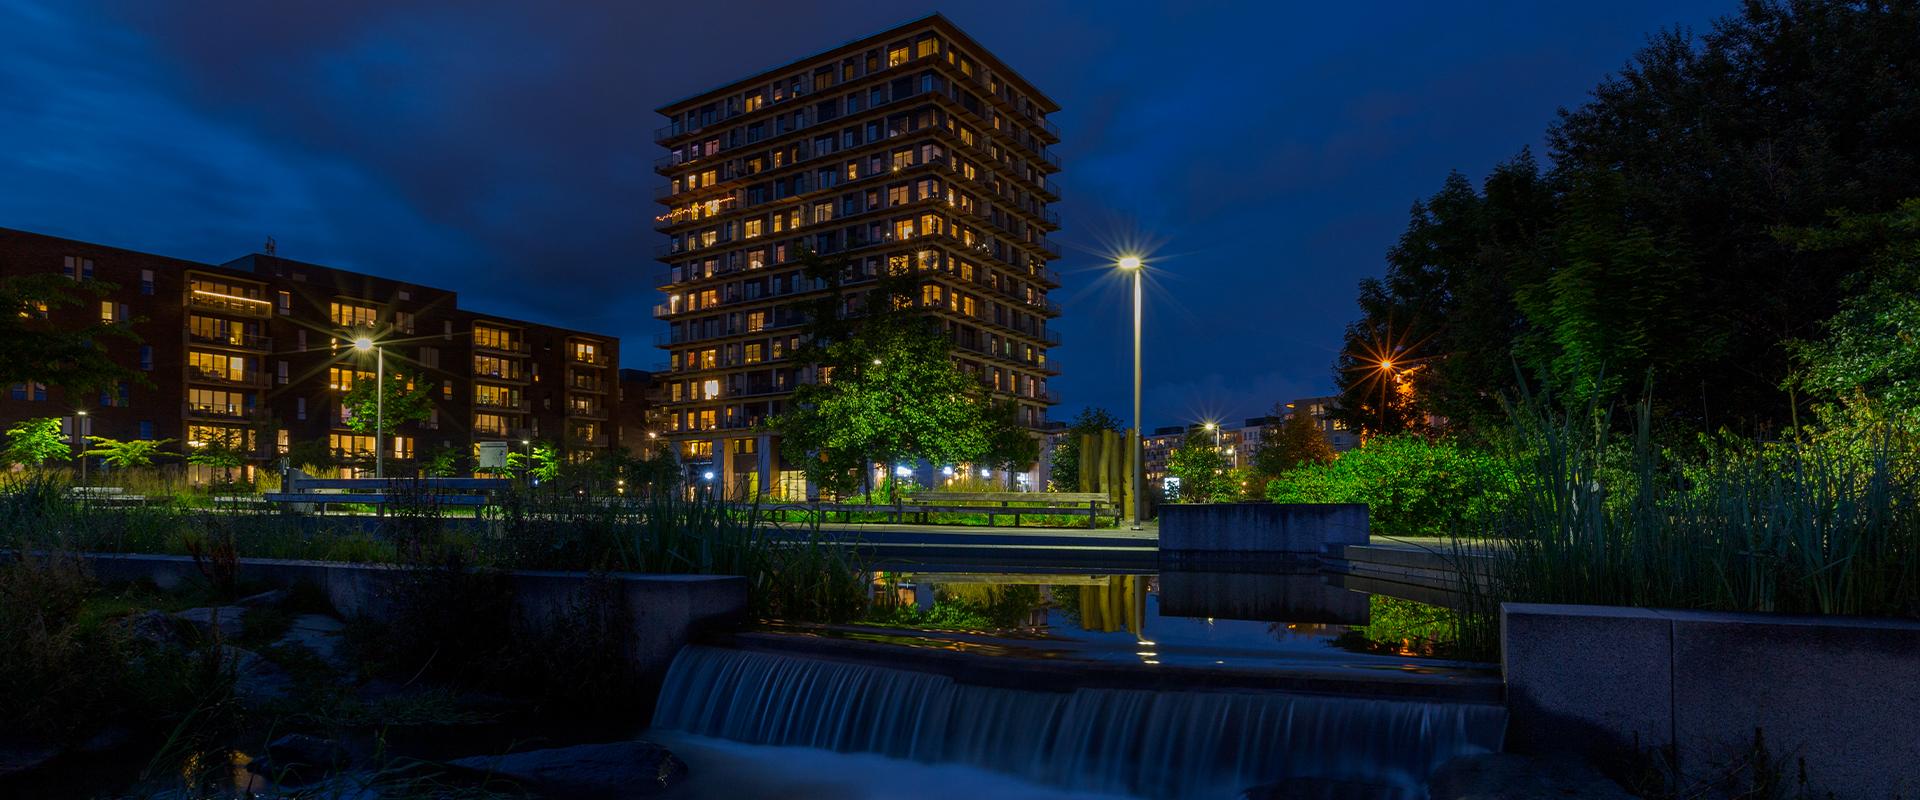 illuminazione LED parchi pubblici